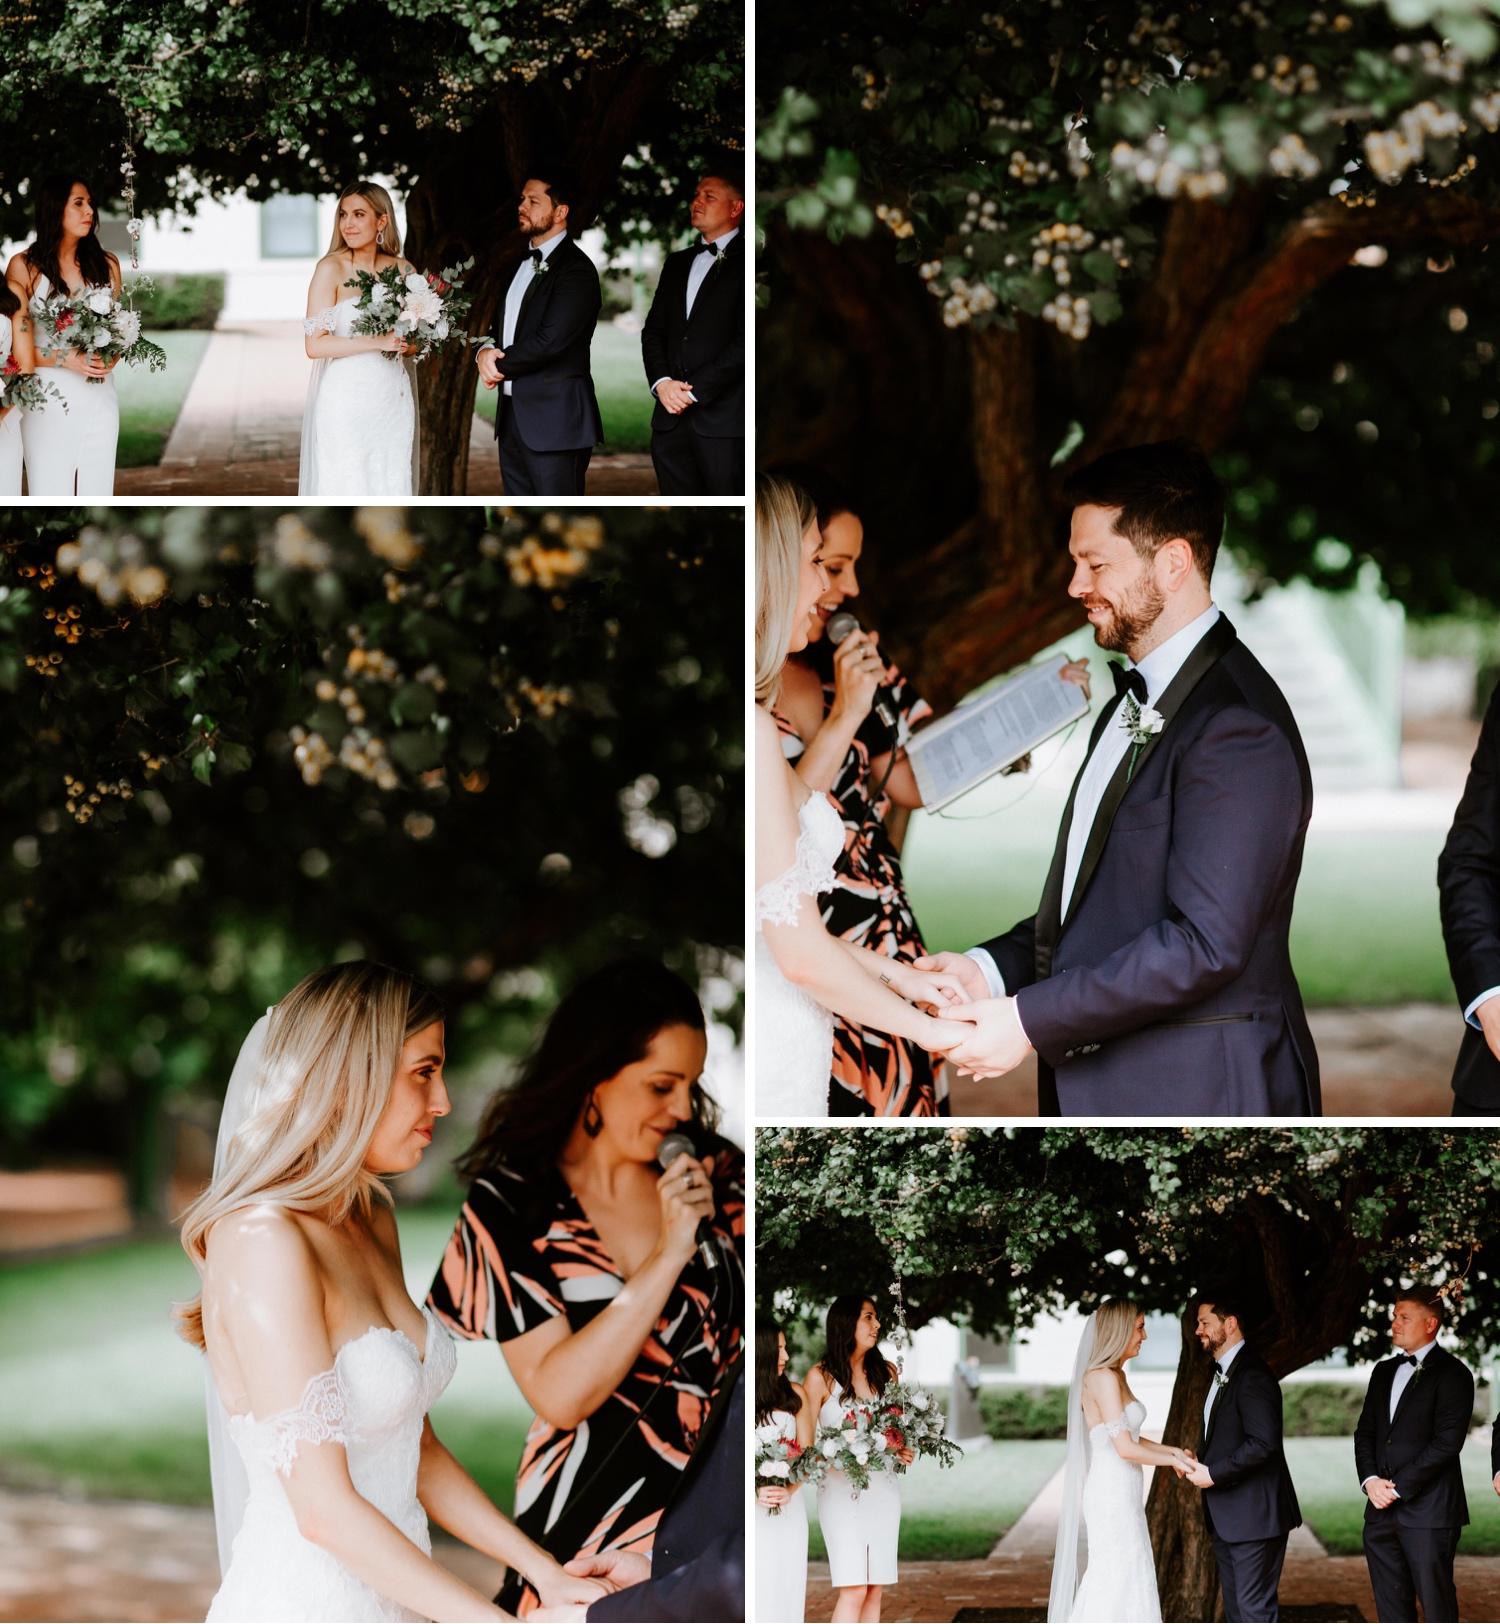 048_Steph_Tom_Wedding_Photos-319_Steph_Tom_Wedding_Photos-320_Steph_Tom_Wedding_Photos-325_Steph_Tom_Wedding_Photos-330.jpg